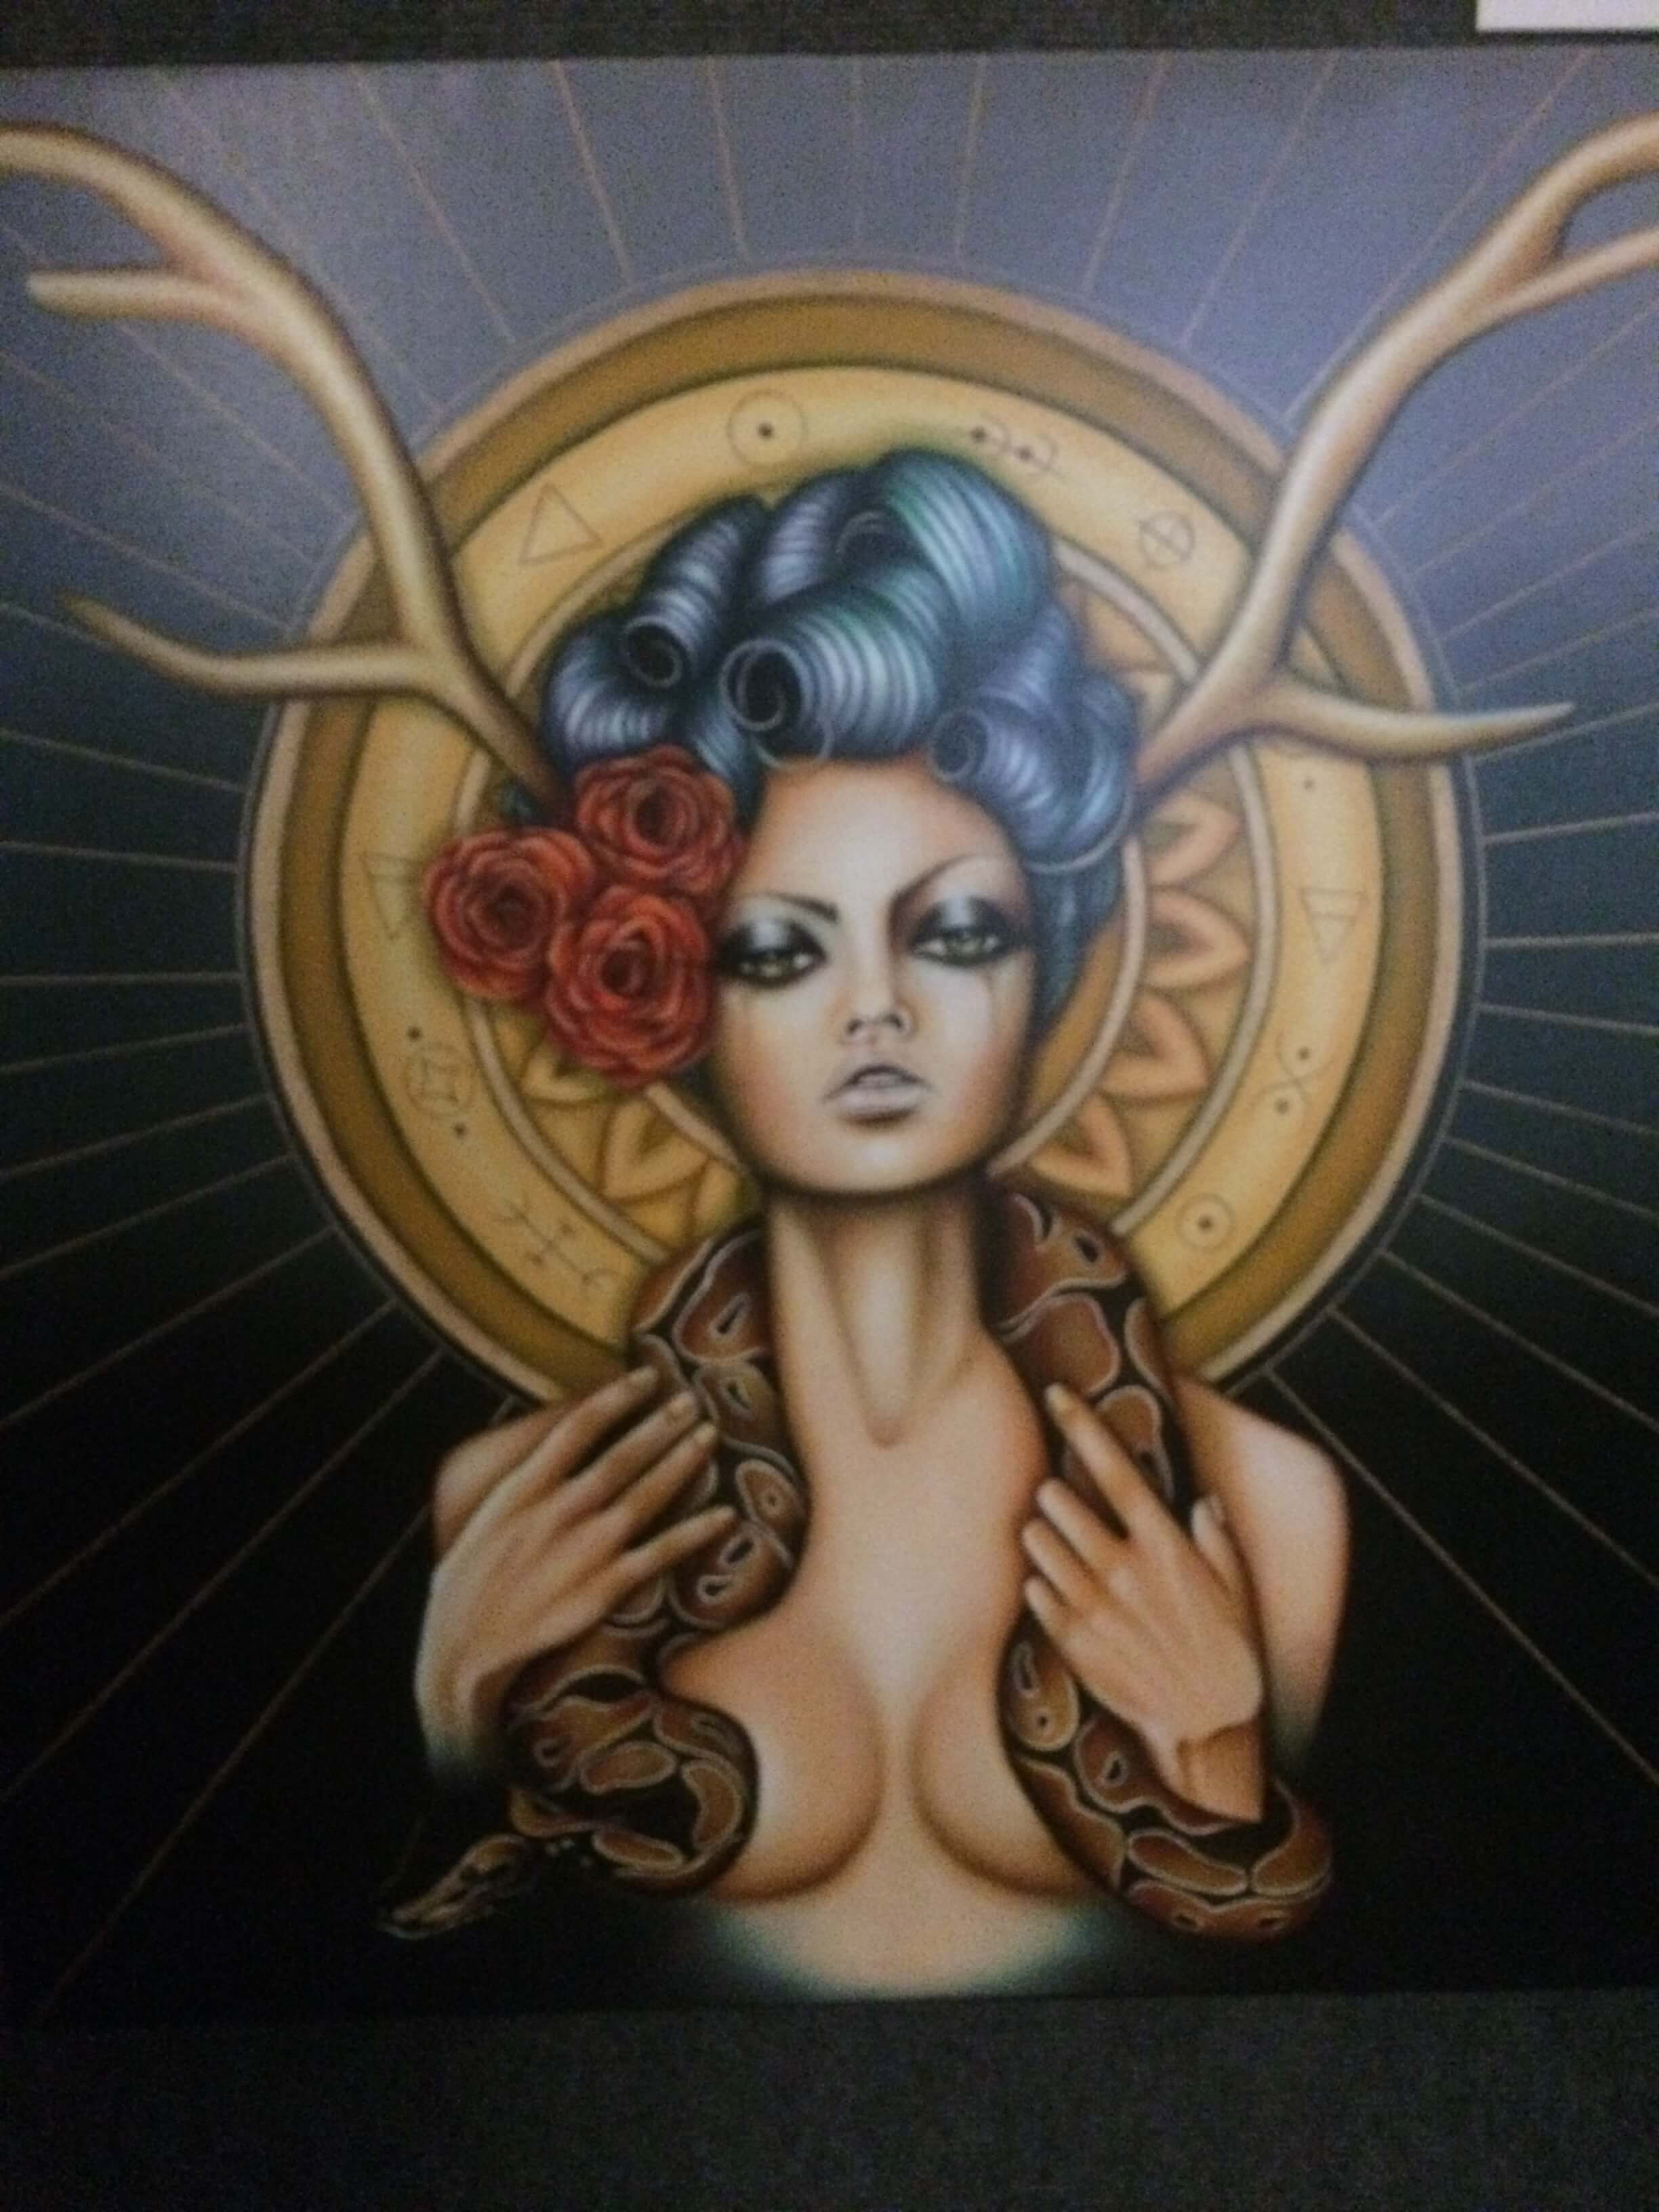 Rochester erotic arts festival